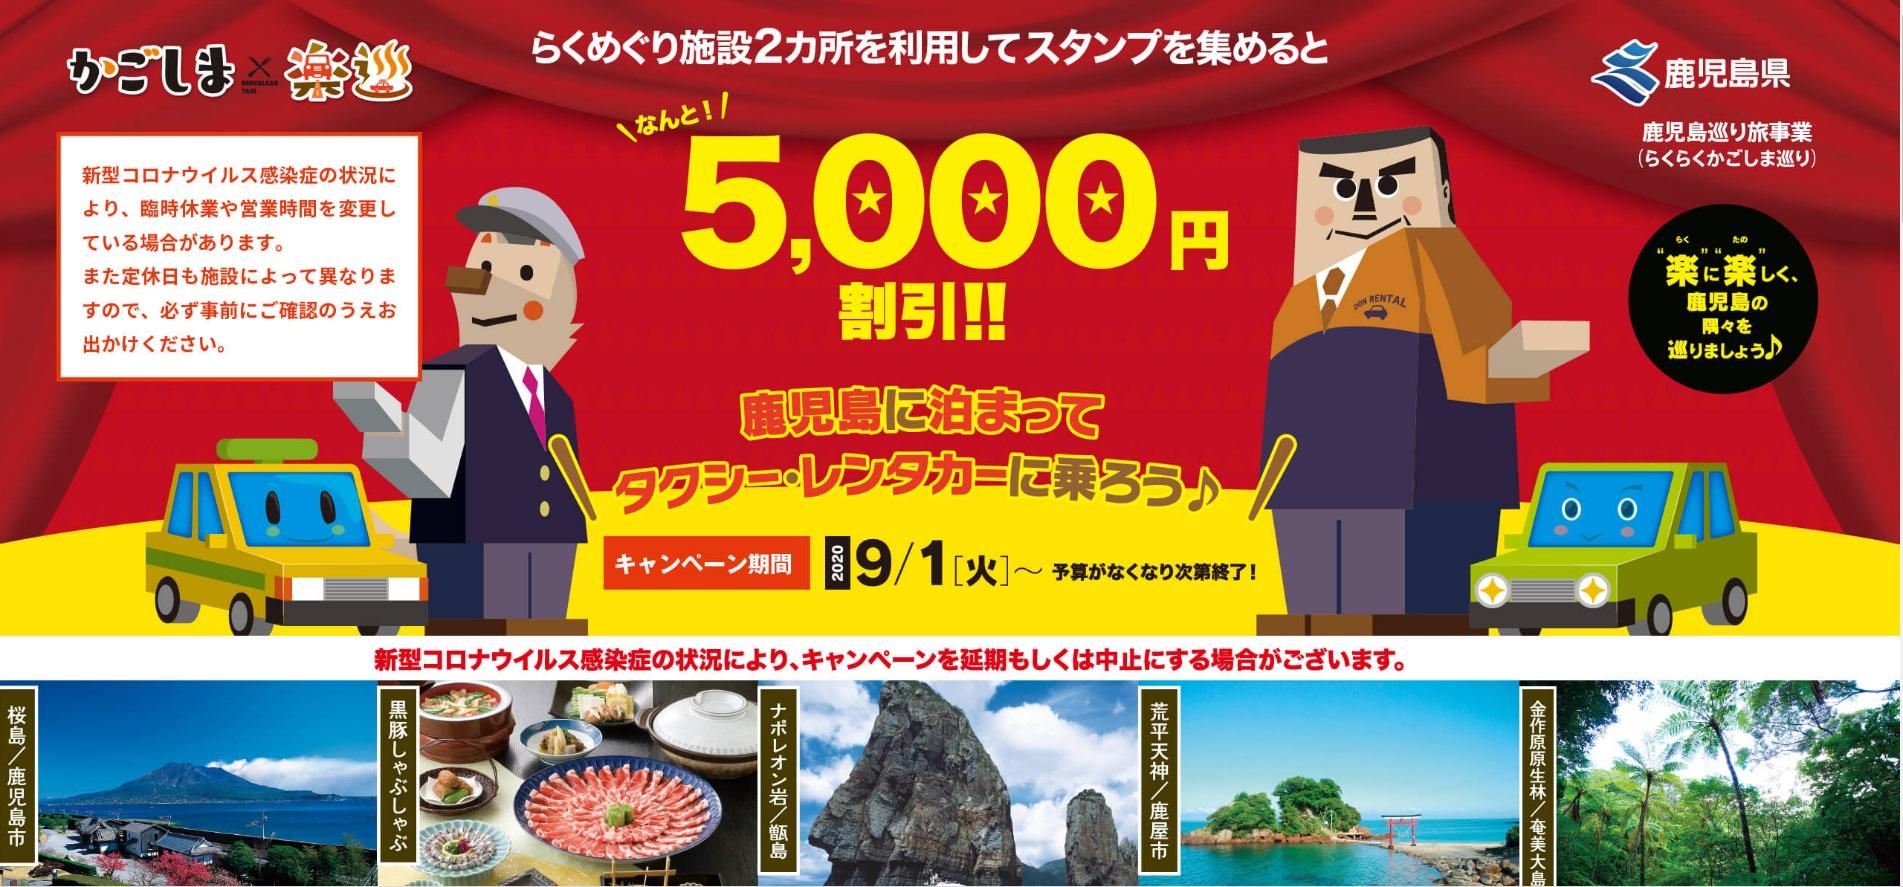 """鹿児島巡り旅事業 『かごしまらくめぐり』""""予算がなくなり次第終了!""""  イメージ画像"""